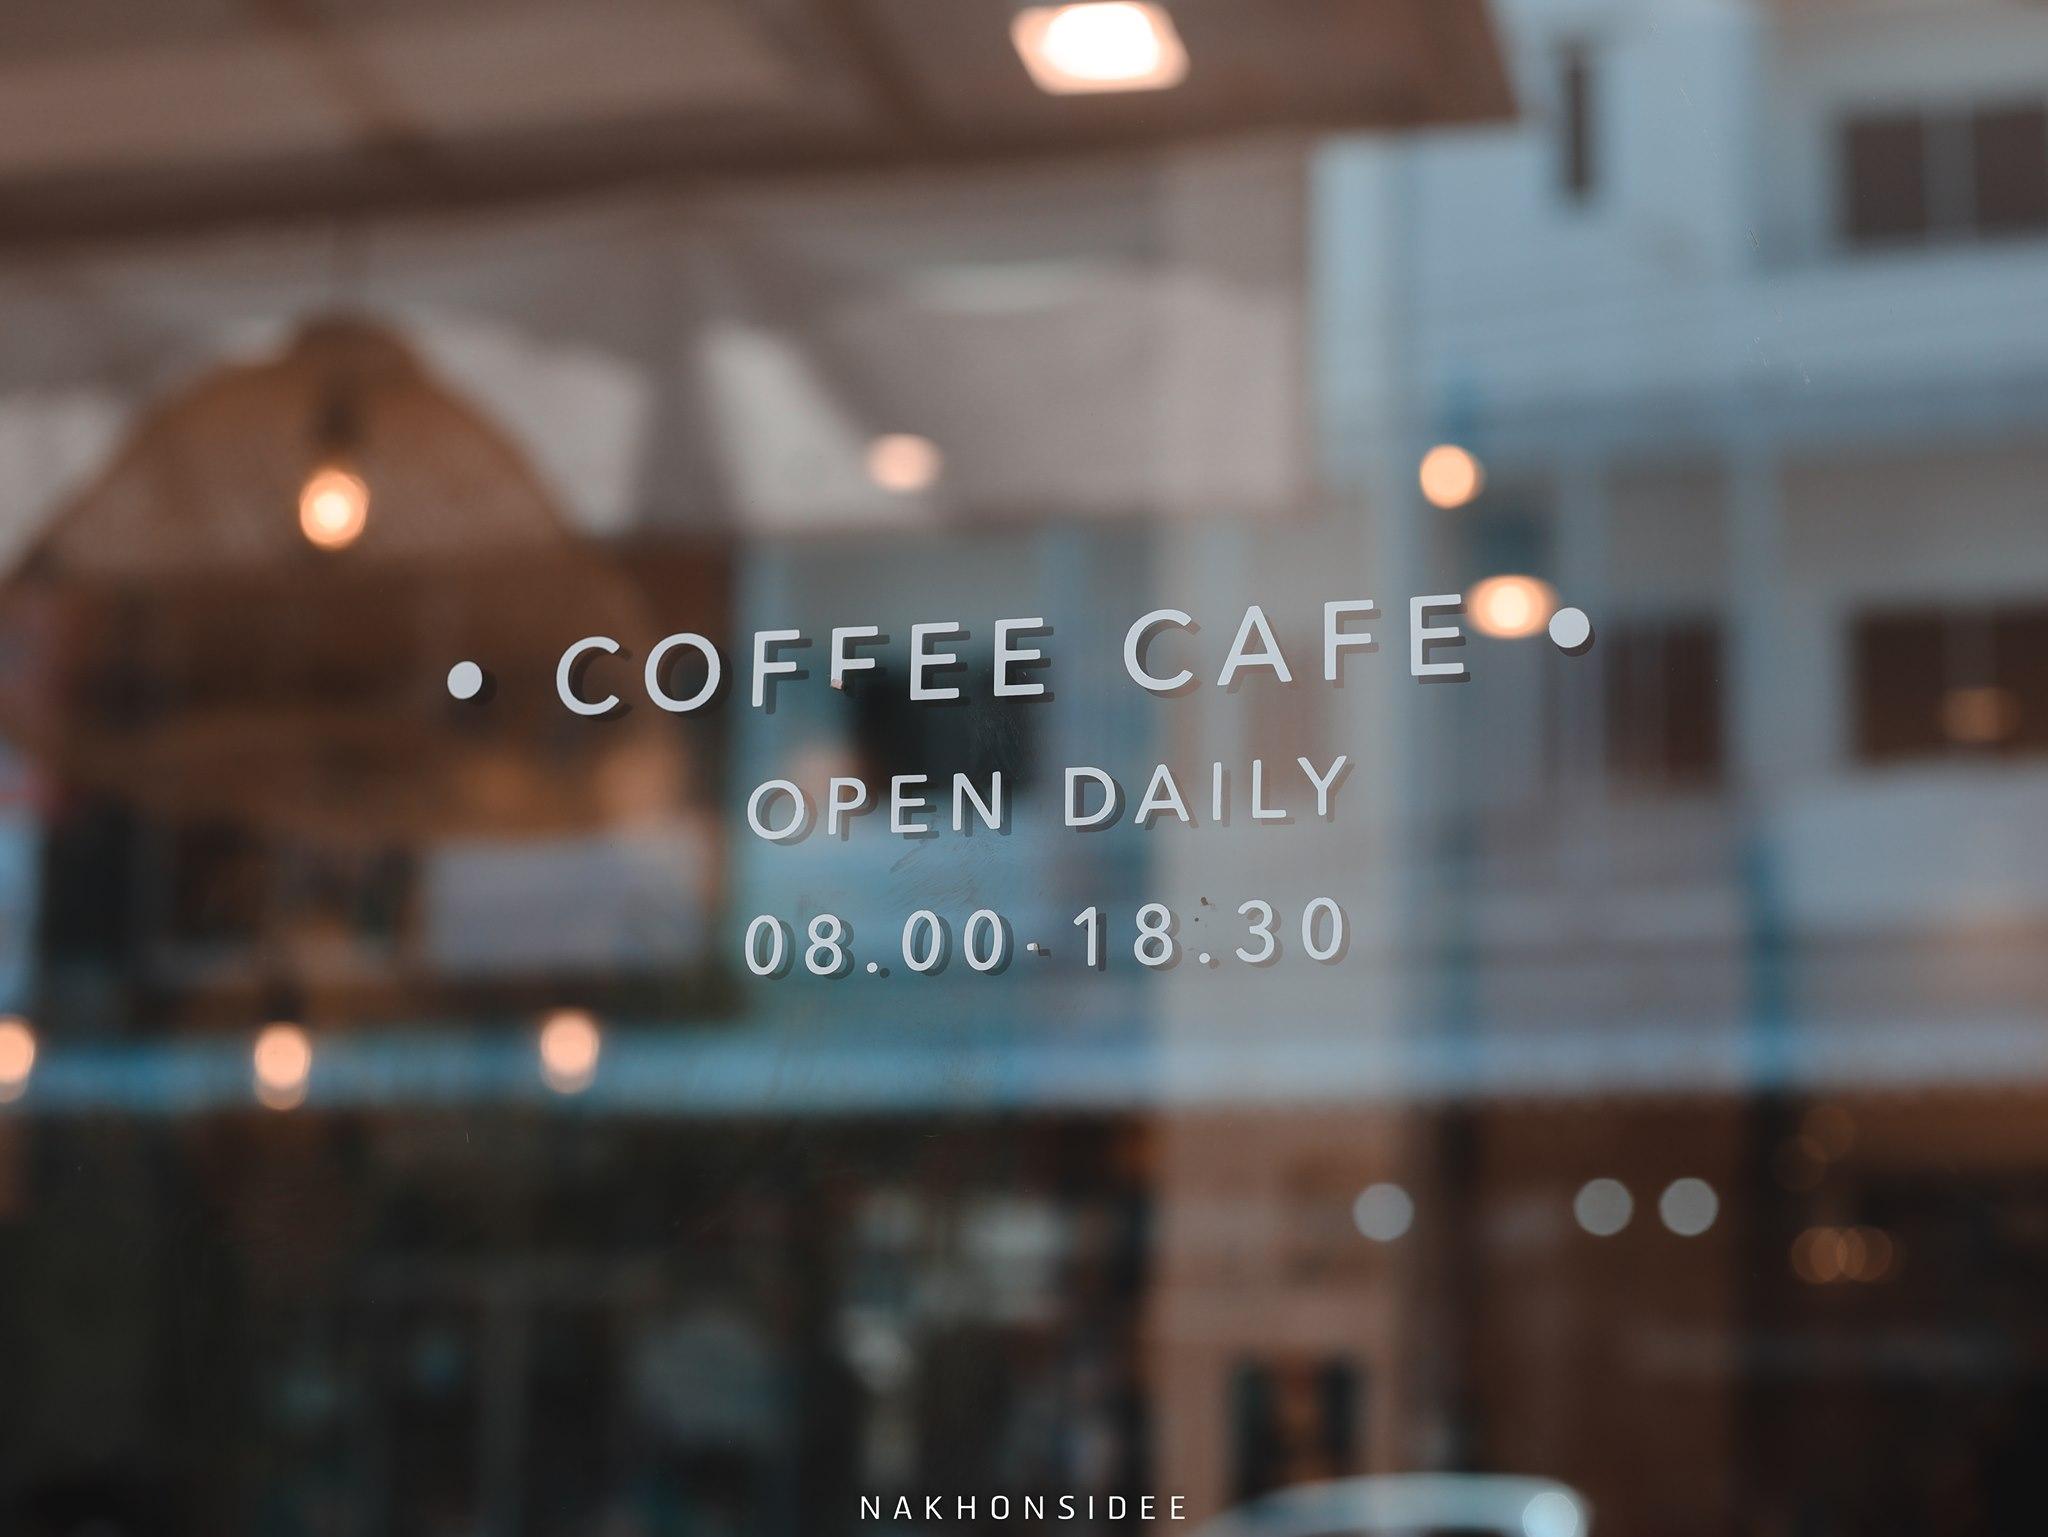 เปิด 8.00 -18.30 นะครับ อย่าลืมแวะมาลองชิมกันเน้ออคอเร็ทโต้,Corretto,ร้านกาแฟ,คาเฟ่,ใจกลางเมือง,อร่อย,ช็อกโกแลต,มัจฉะ,ชาเขียว